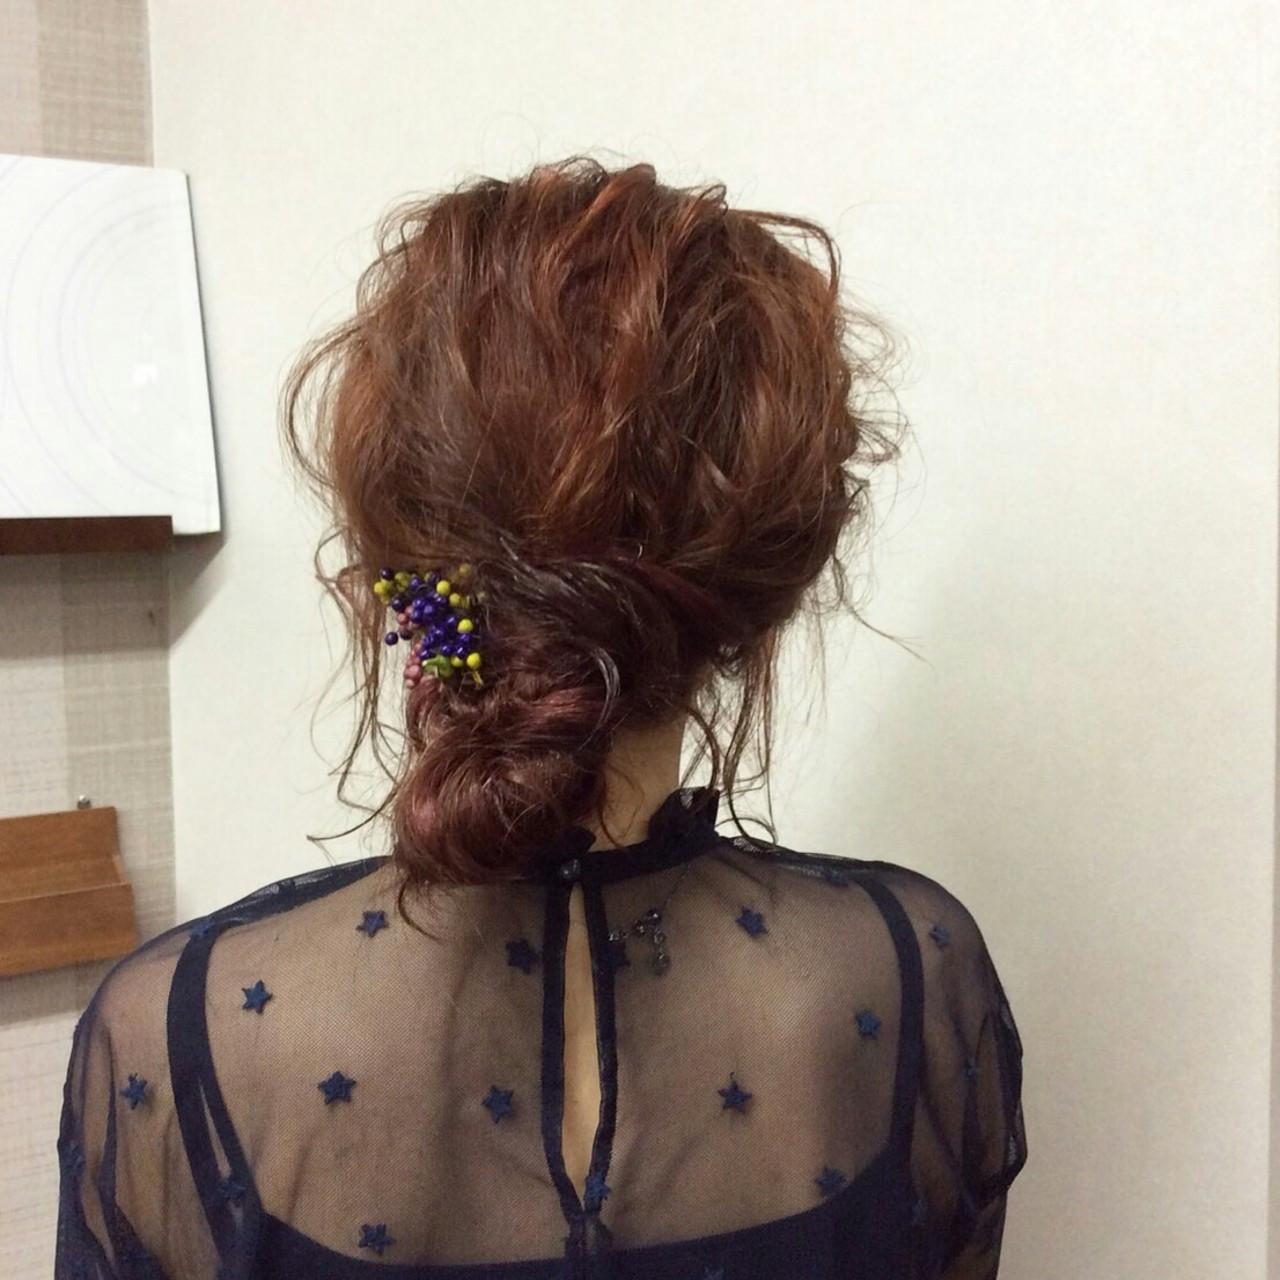 引き出す髪の毛でシルエットを整えて美人ヘアに rumi